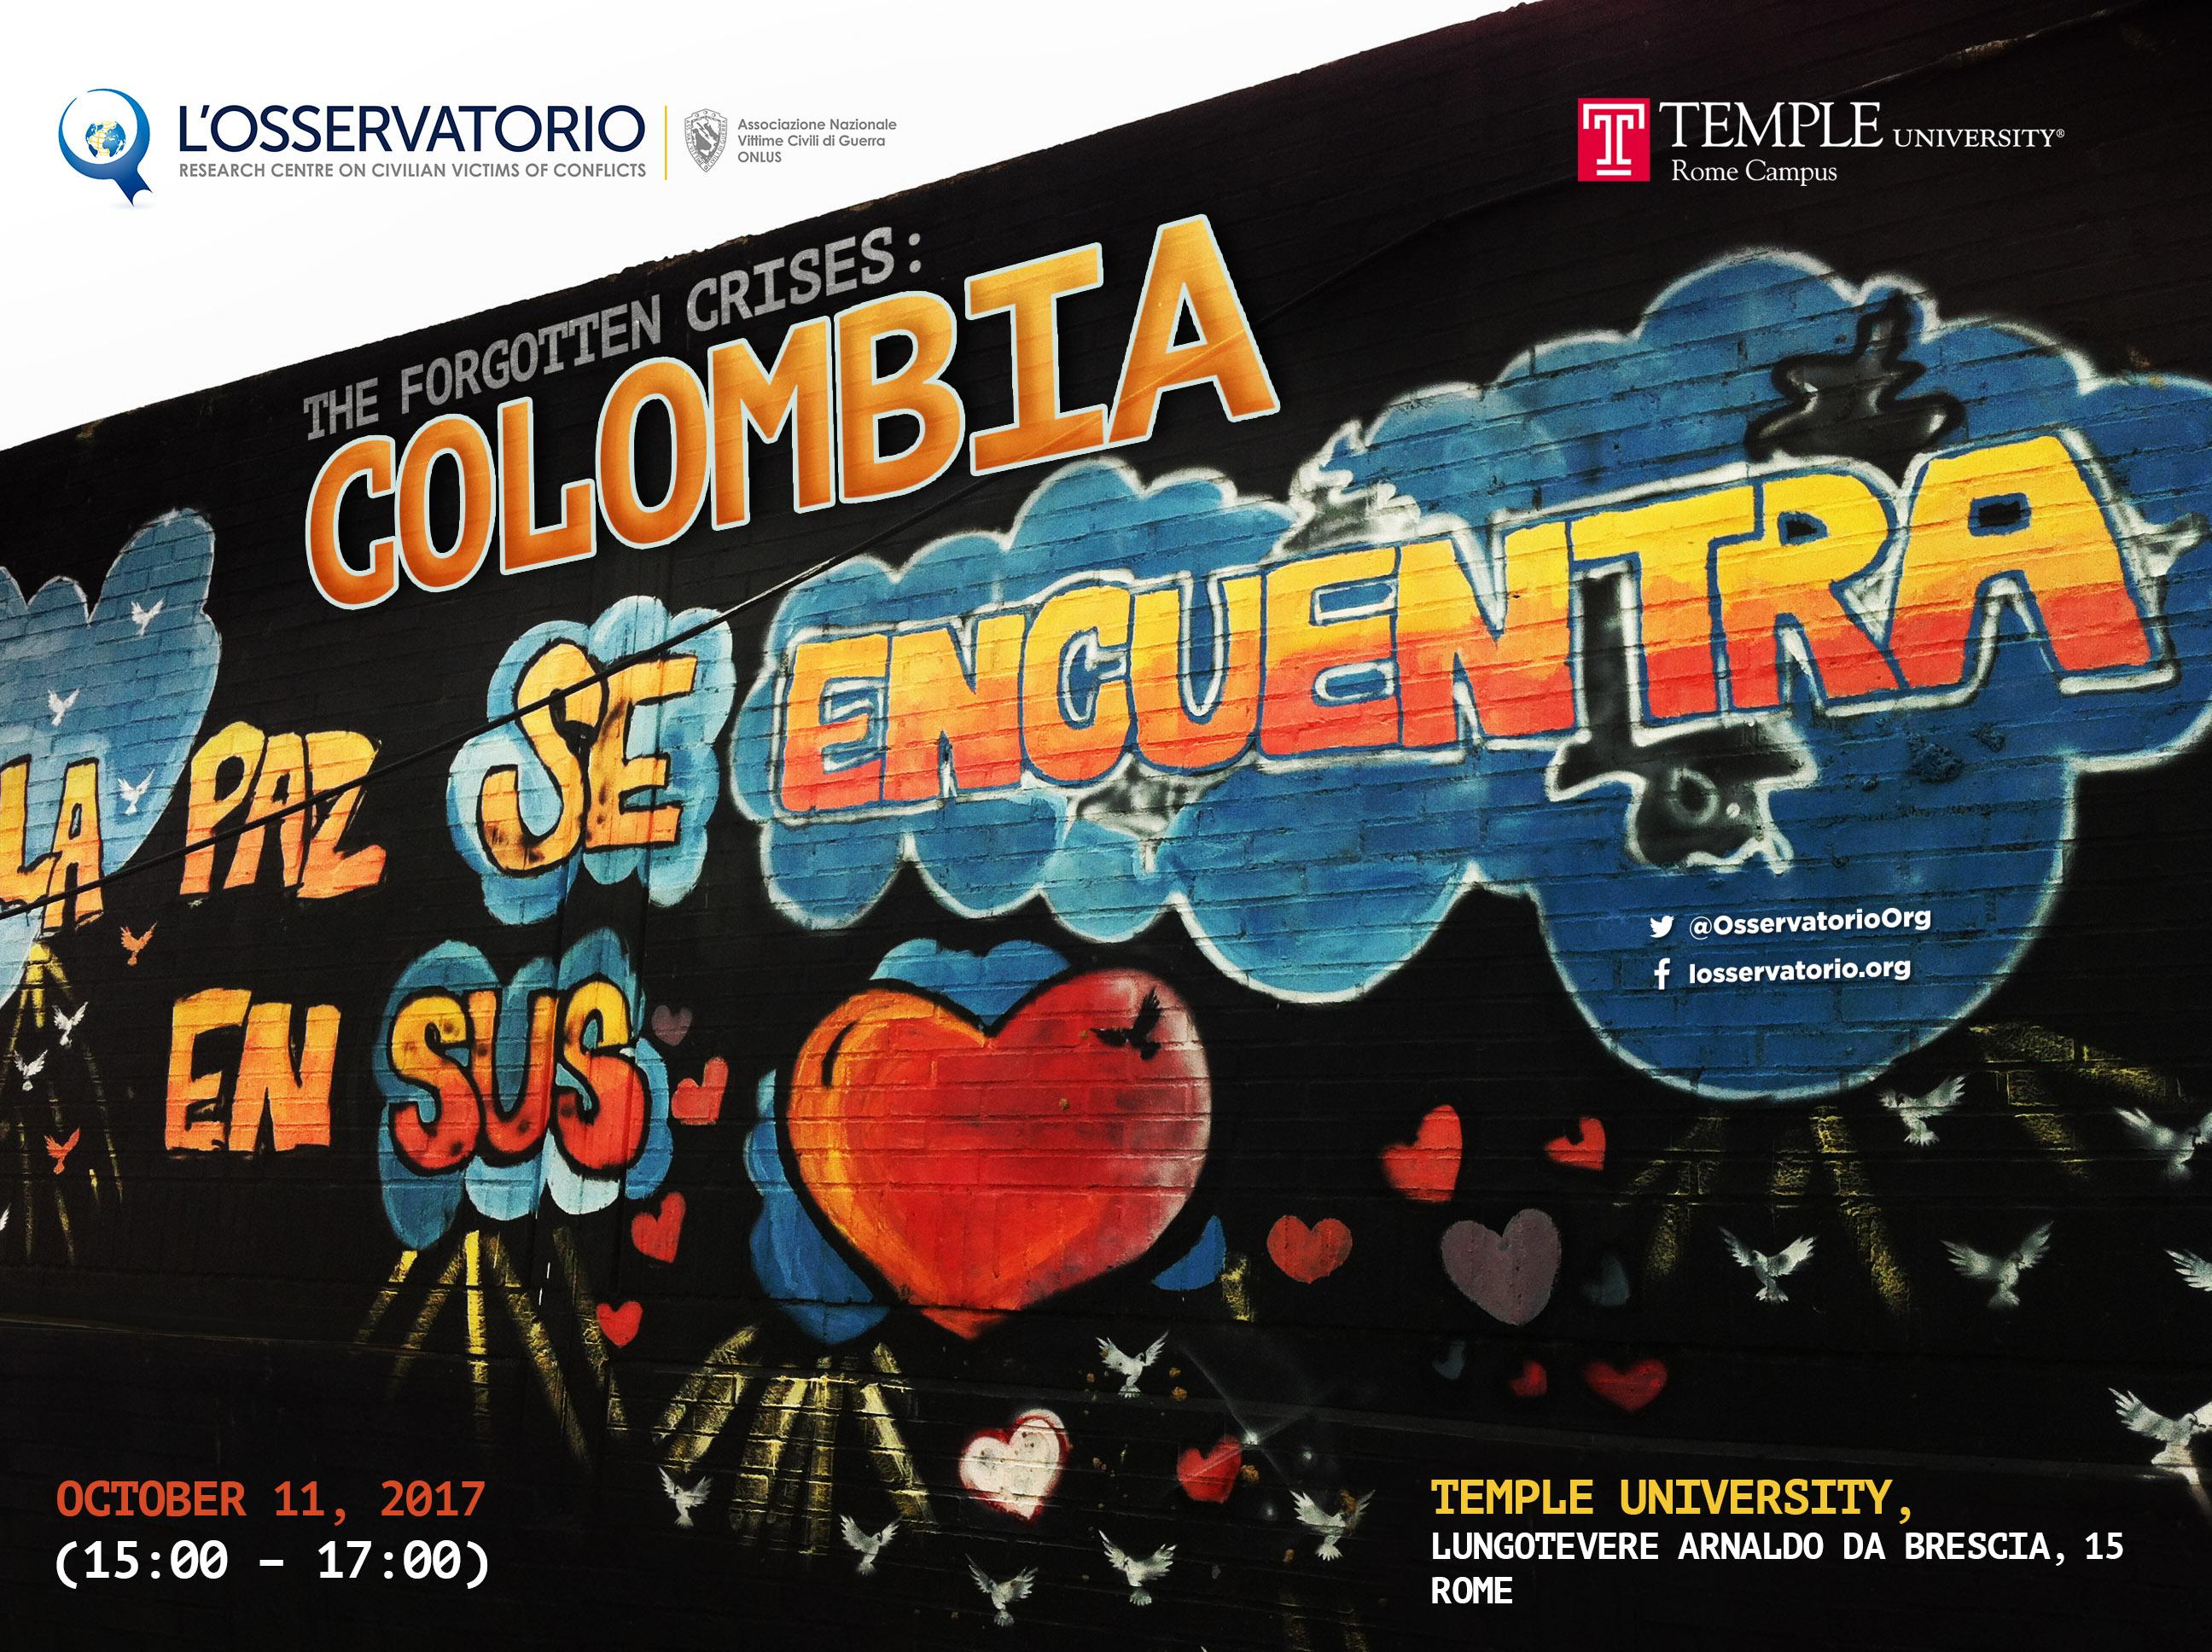 """Osservatorio sulle vittime civili dei conflitti, conferenza """"Crisi dimenticate: la Colombia"""", poster"""